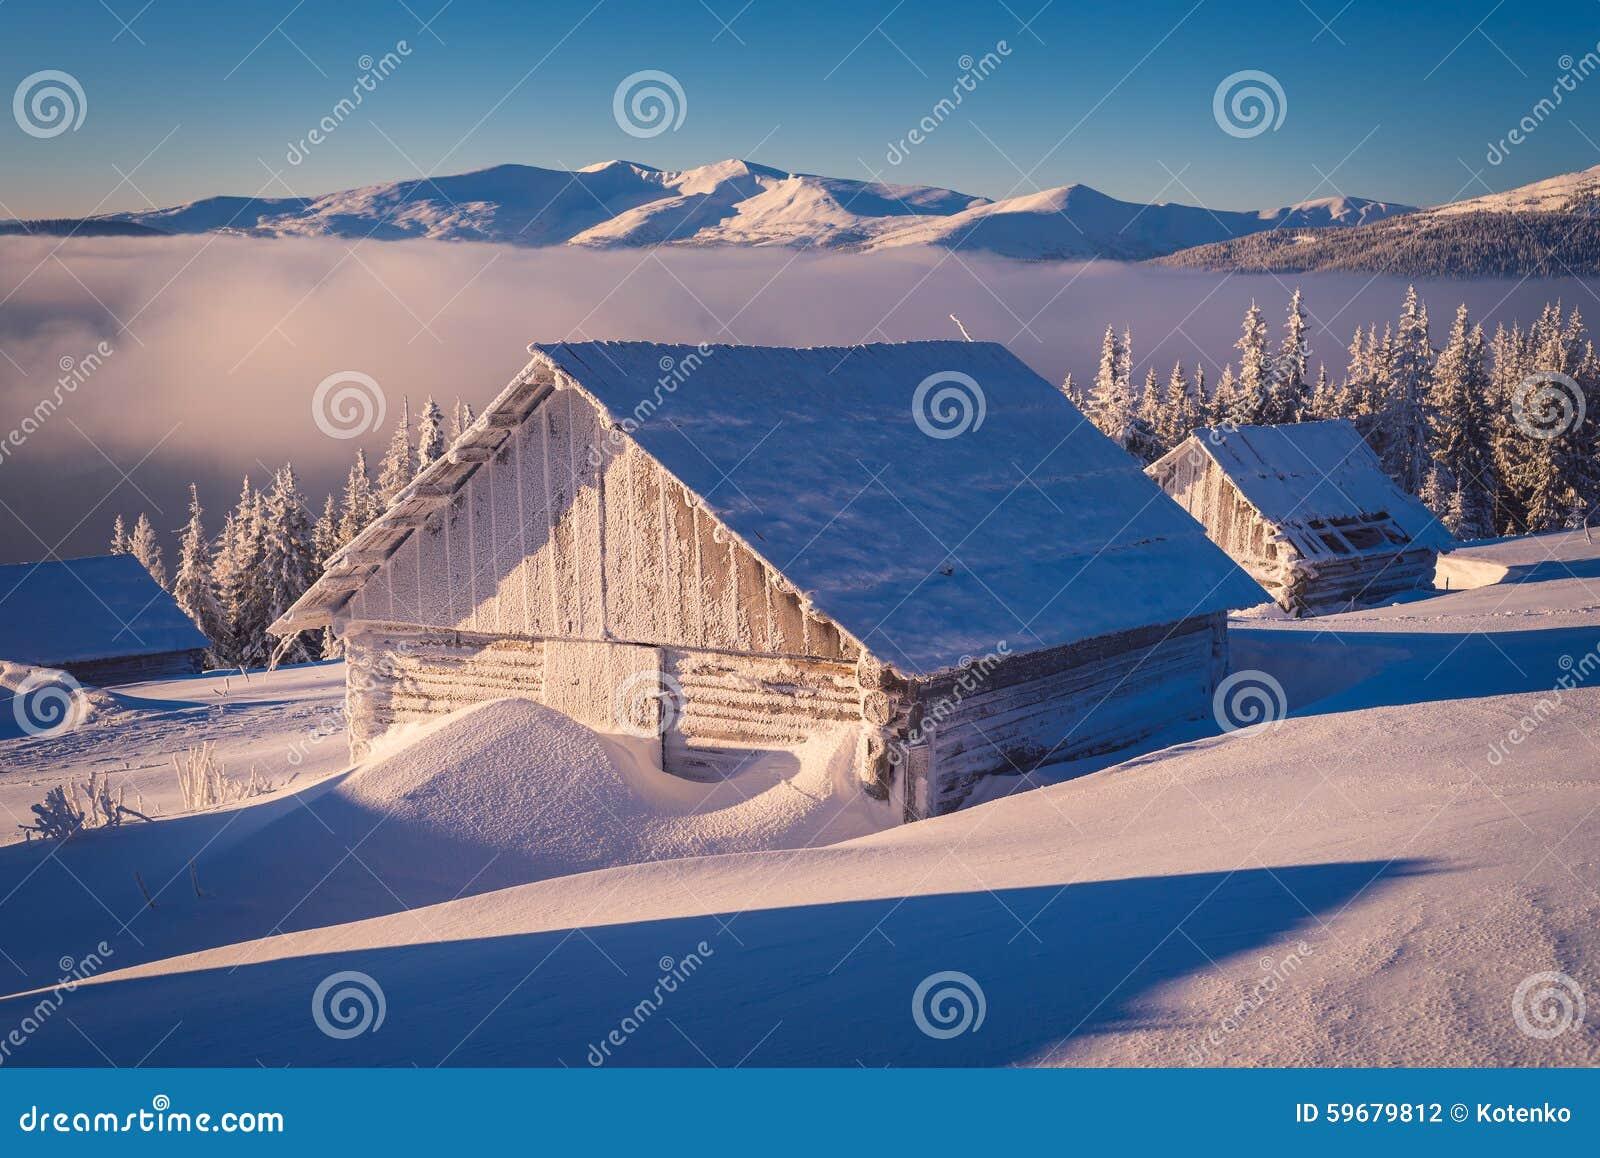 Casa de madera en la nieve